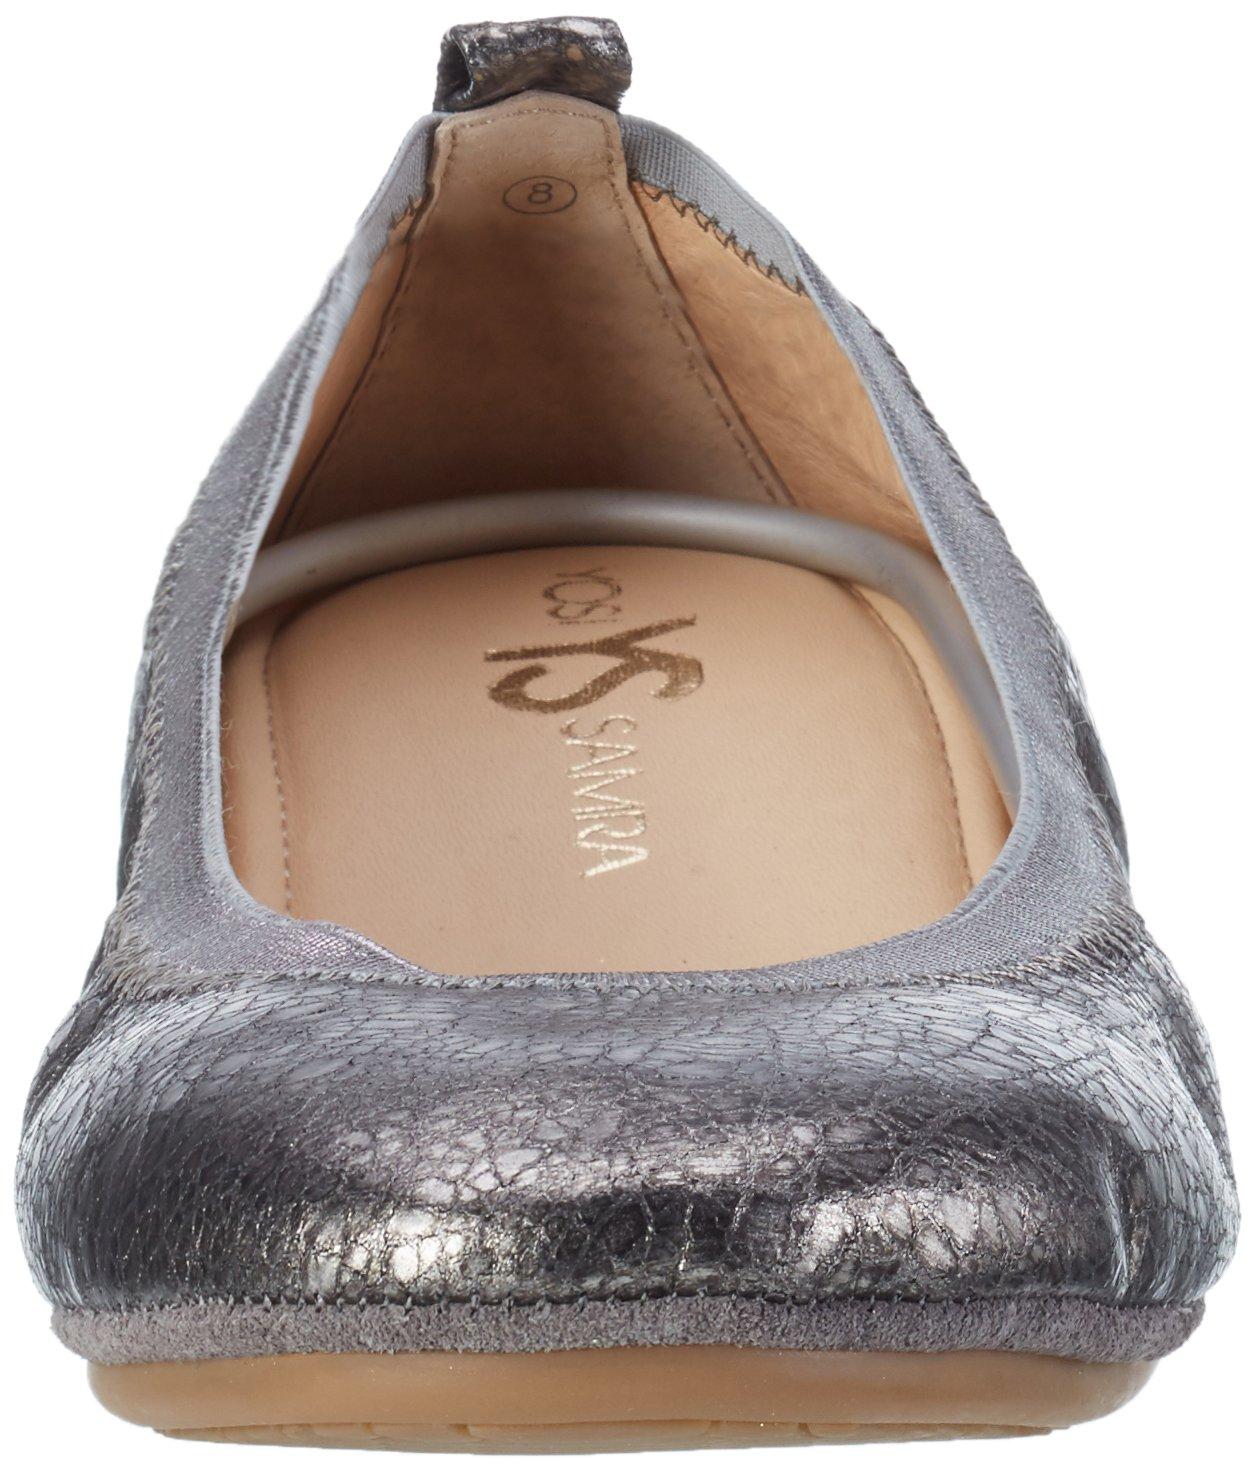 Yosi Samra Women's Samara 11 2.0 Ballet Flat B01NCM93R4 11 Samara B(M) US|Pewter aac66a